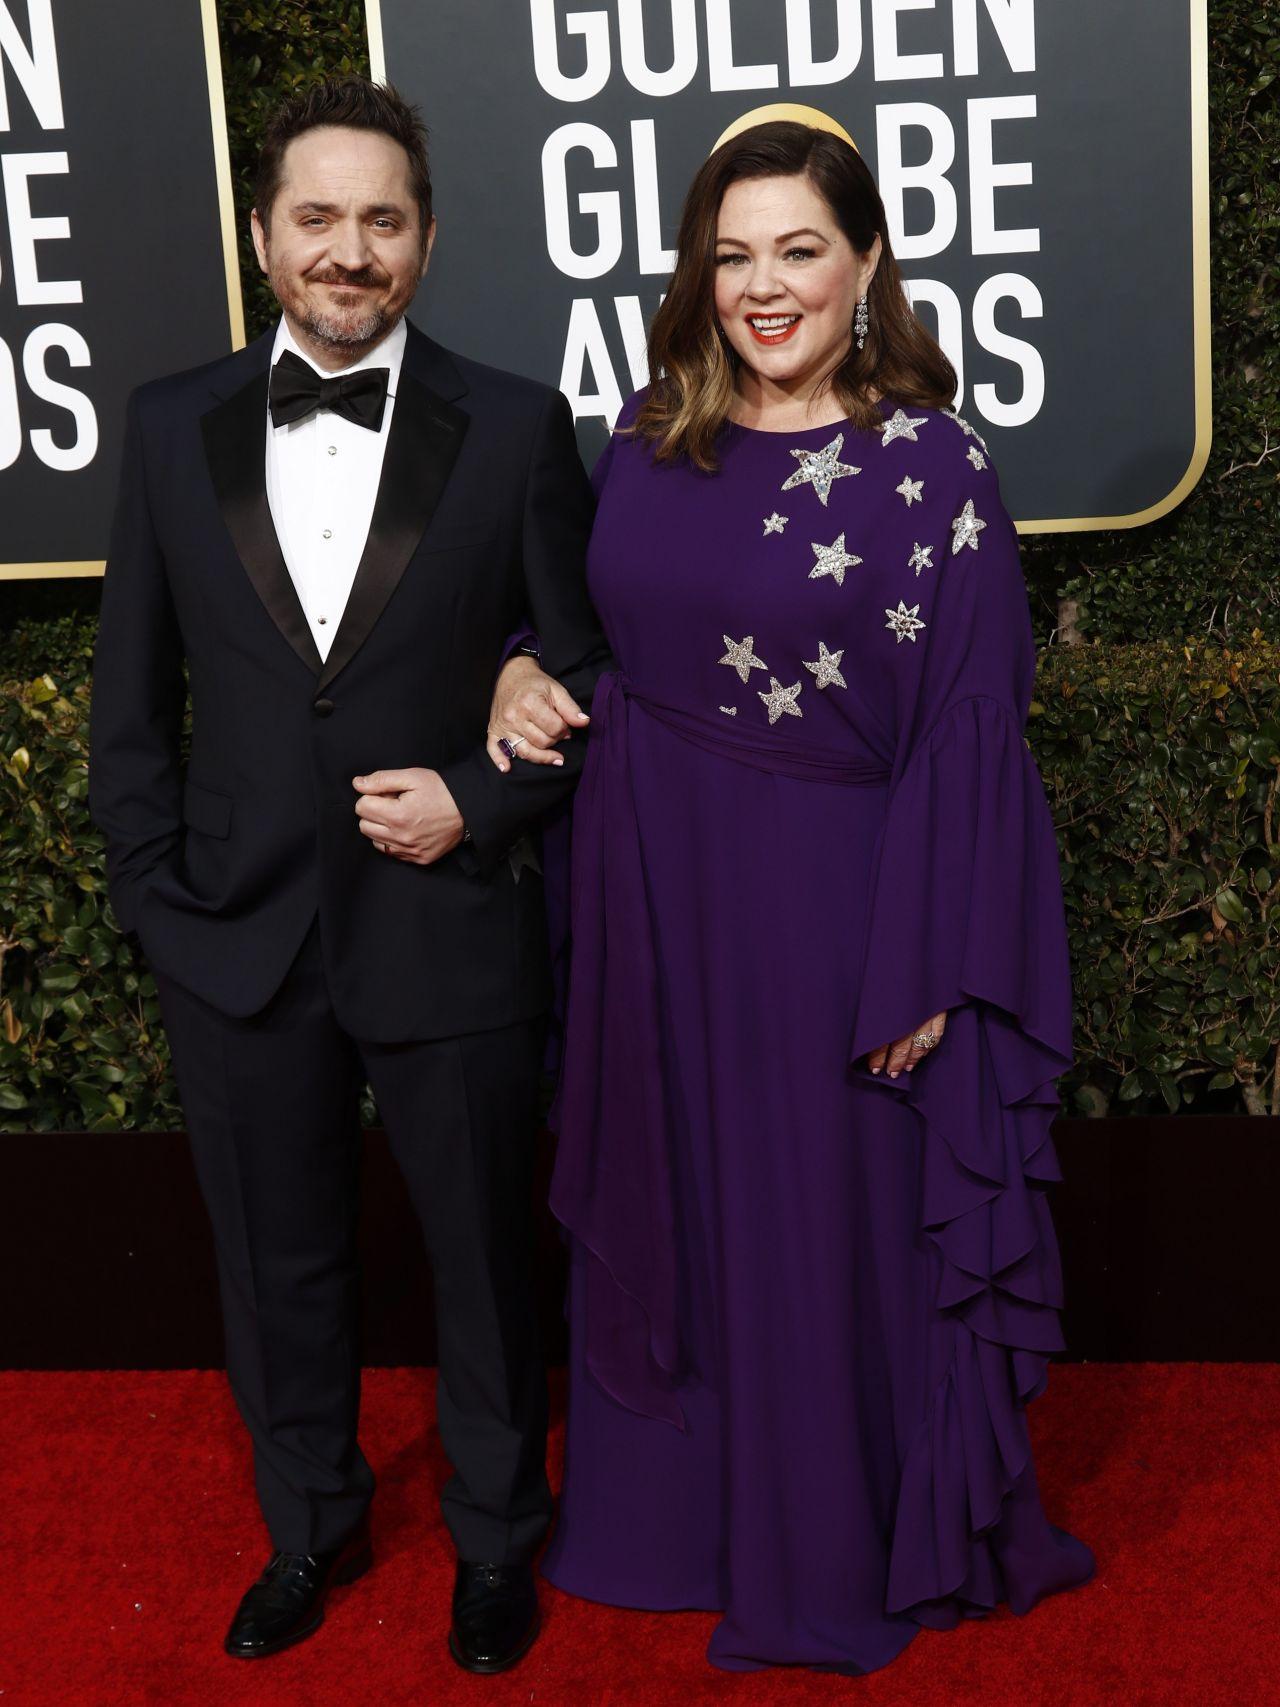 melissa-mccarthy-2019-golden-globe-awards-red-carpet2.jpg